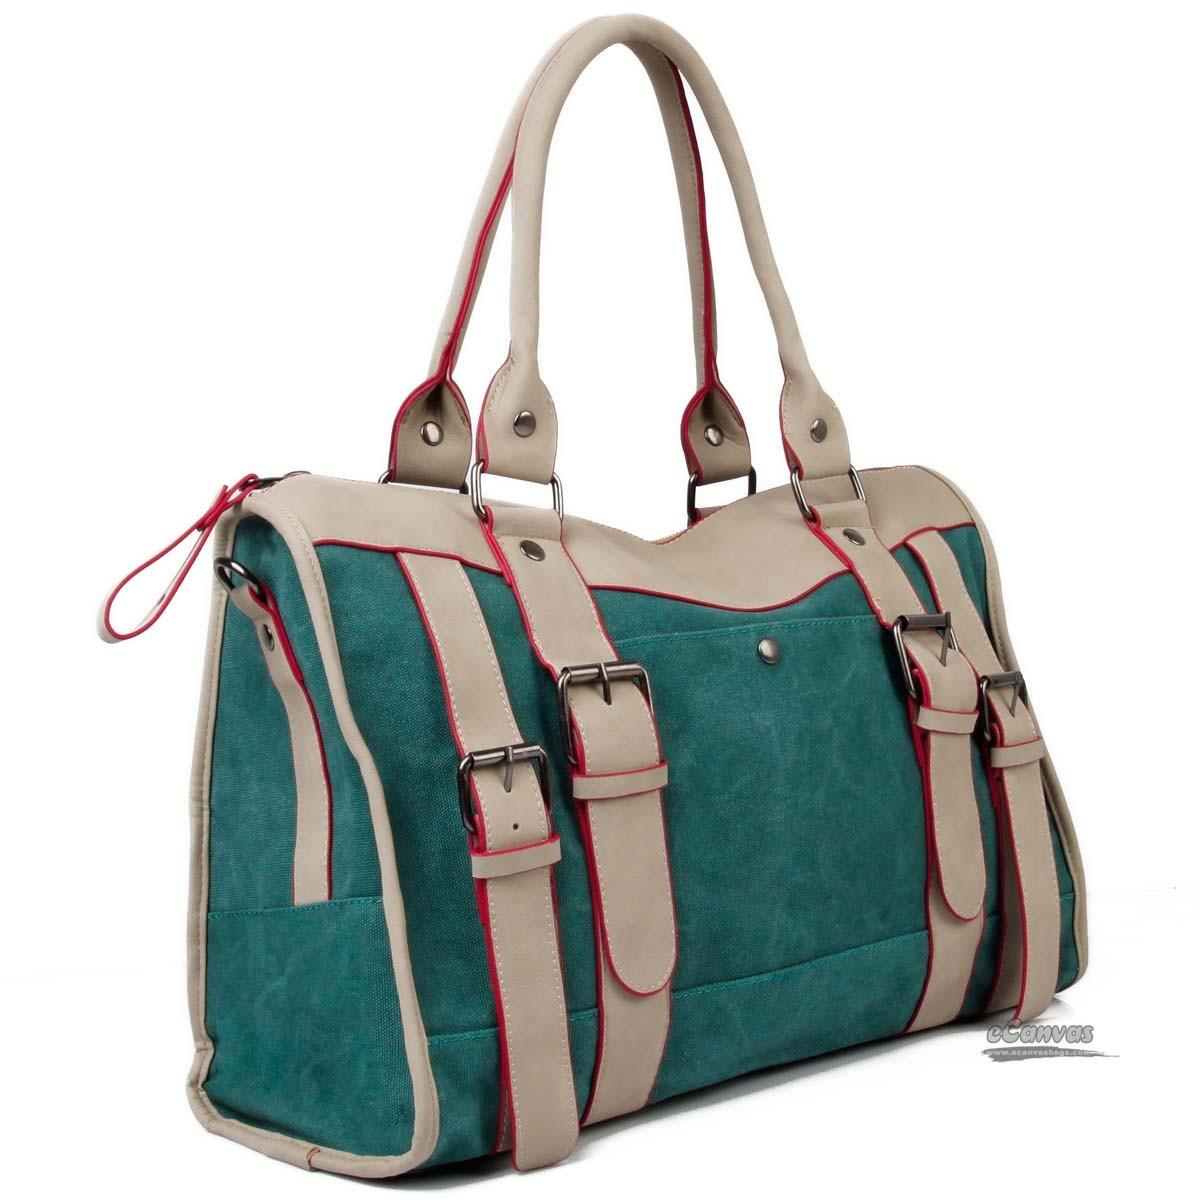 Retro canvas bag, shoulder bag for girls, 6 colors - E ...